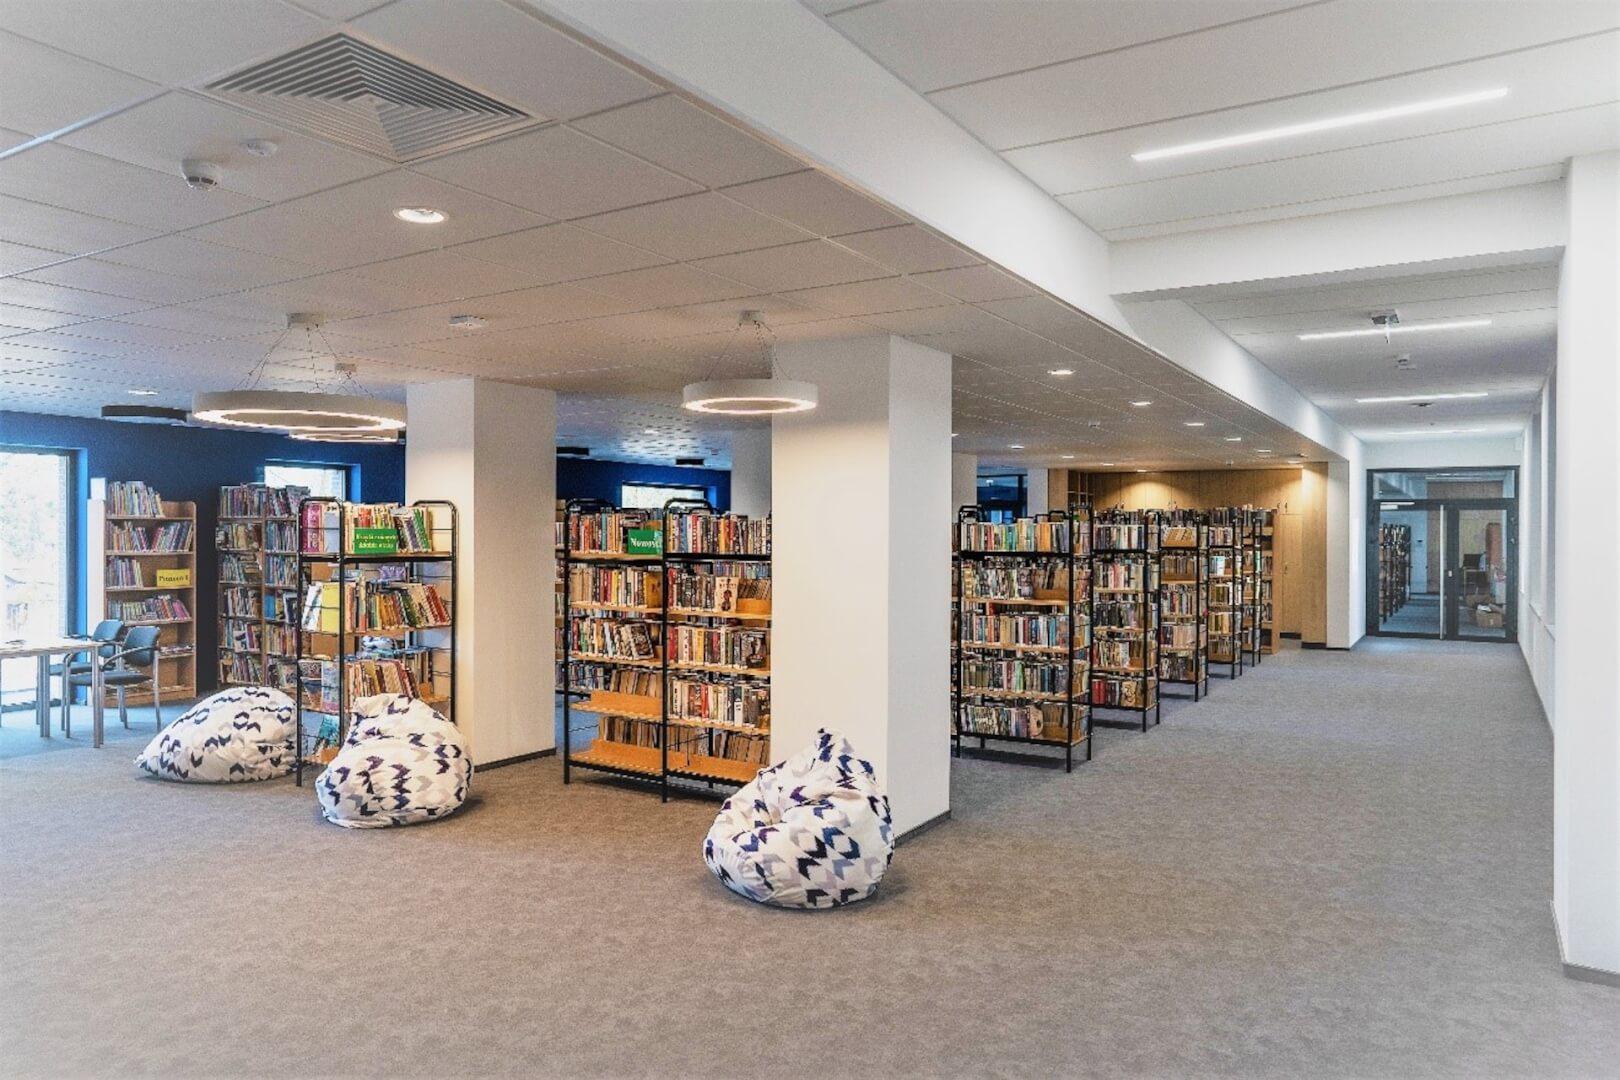 Biblioteka Publiczna